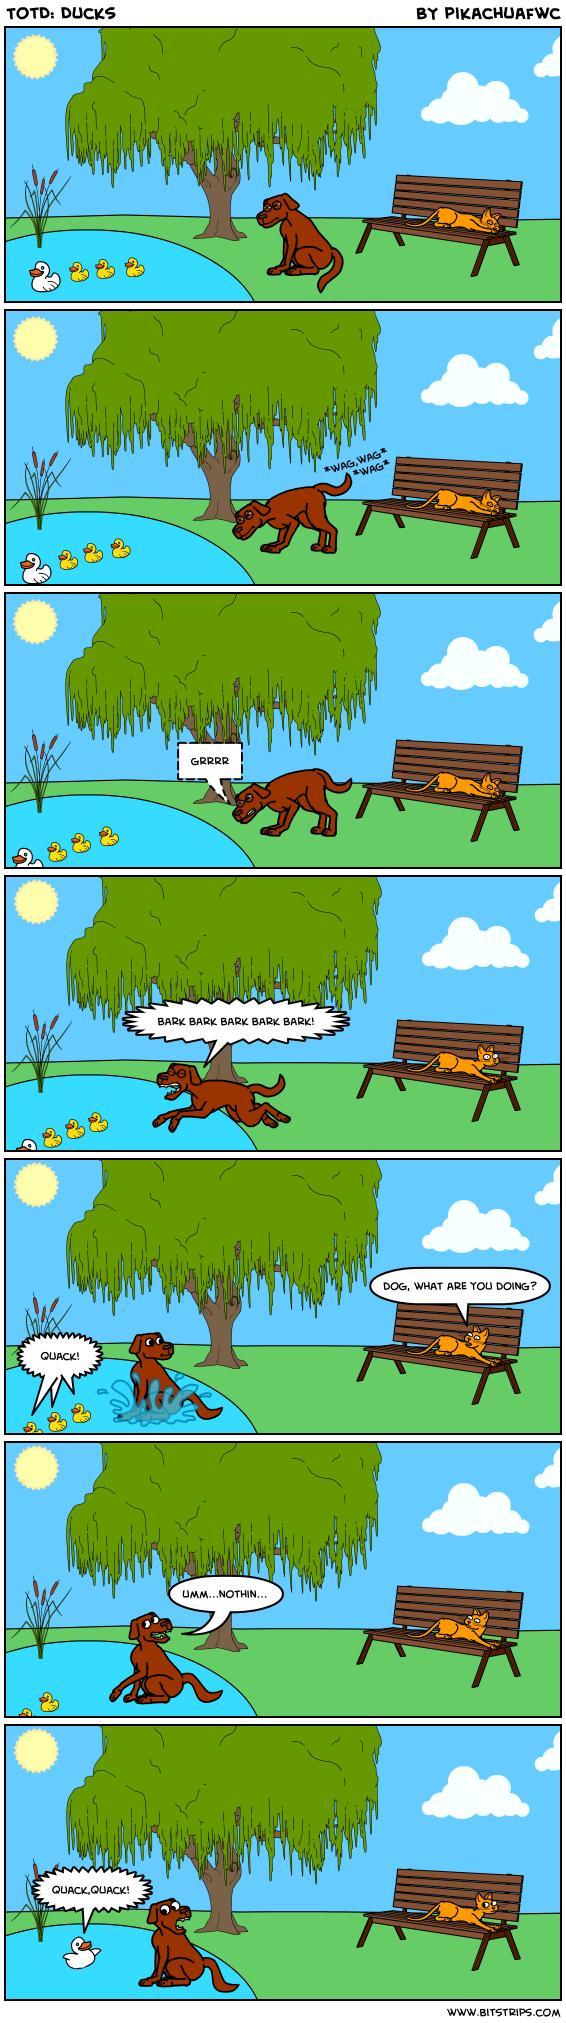 TotD: Ducks